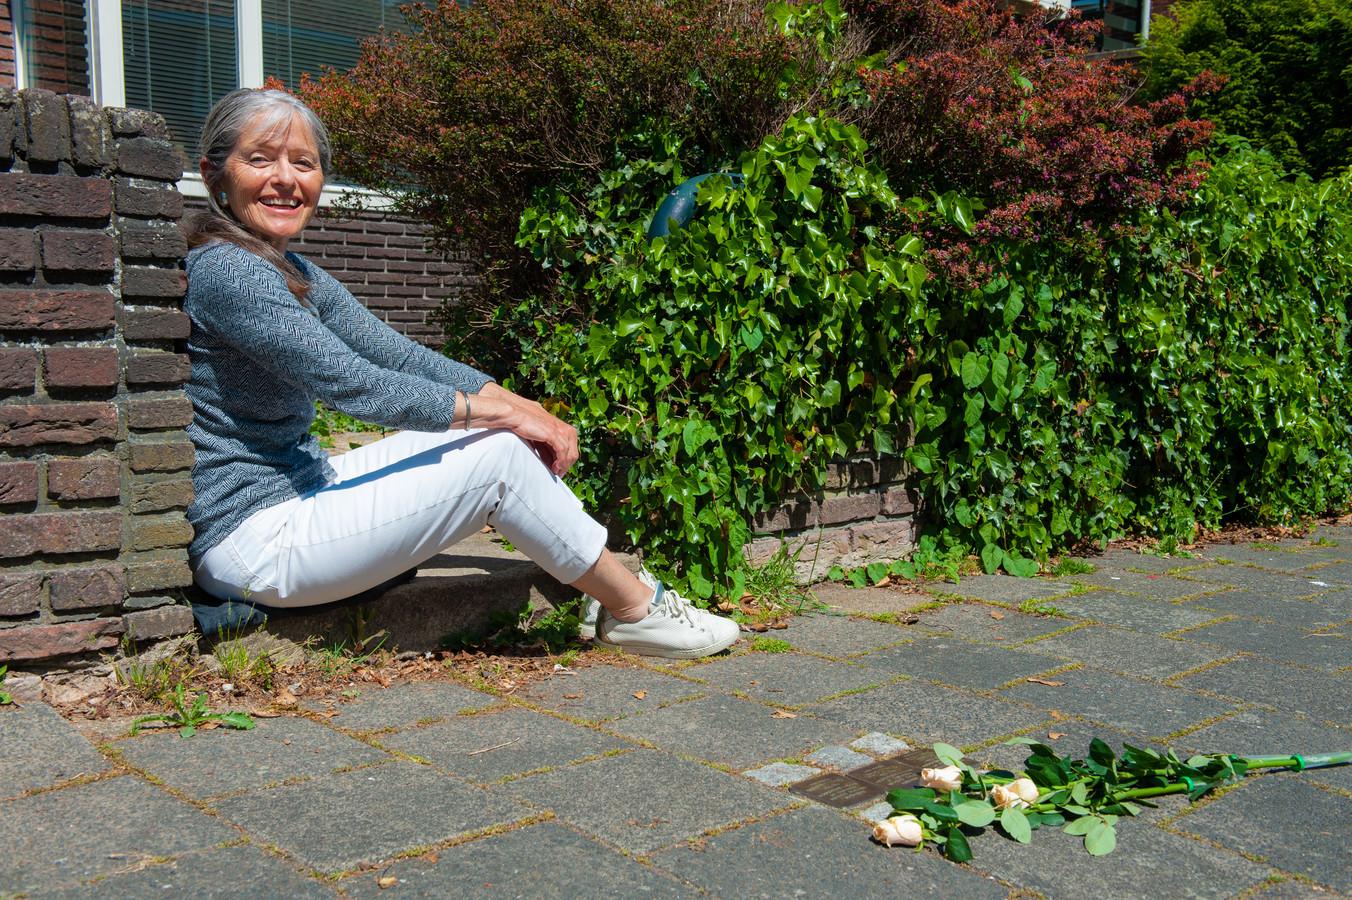 Soesja Citroen voor het huis waar de familie Linder tijdens de Tweede Wereldoorlog woonde. Stolpersteine in het plaveisel herinneren aan hen.